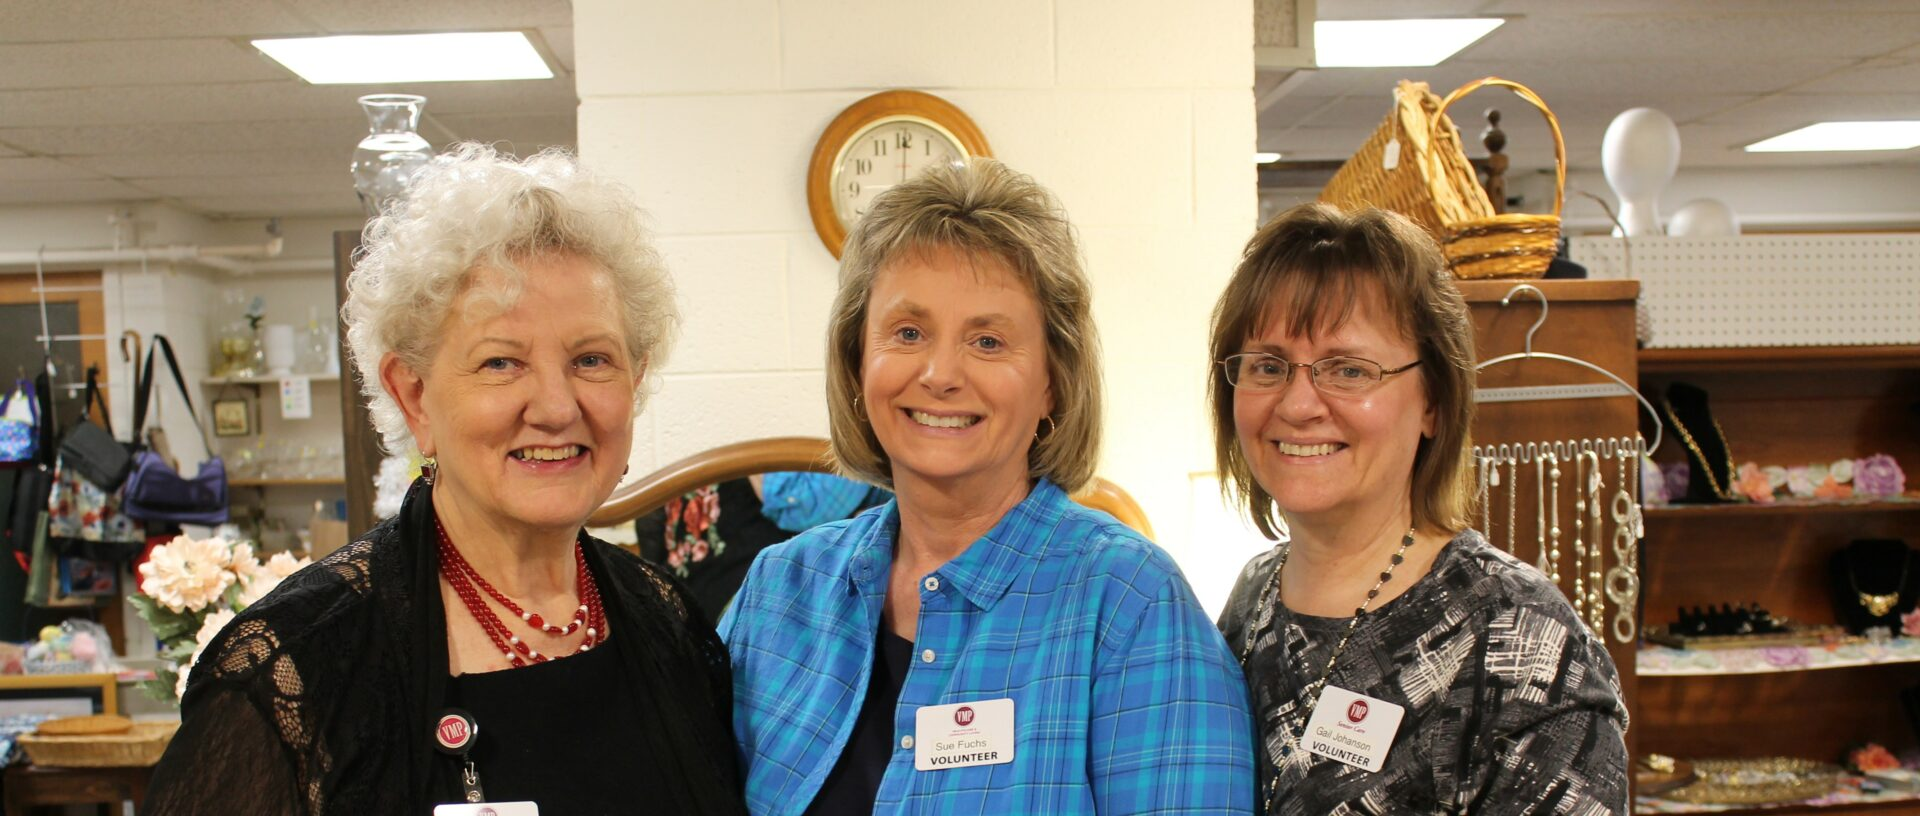 Three ladies smiling.